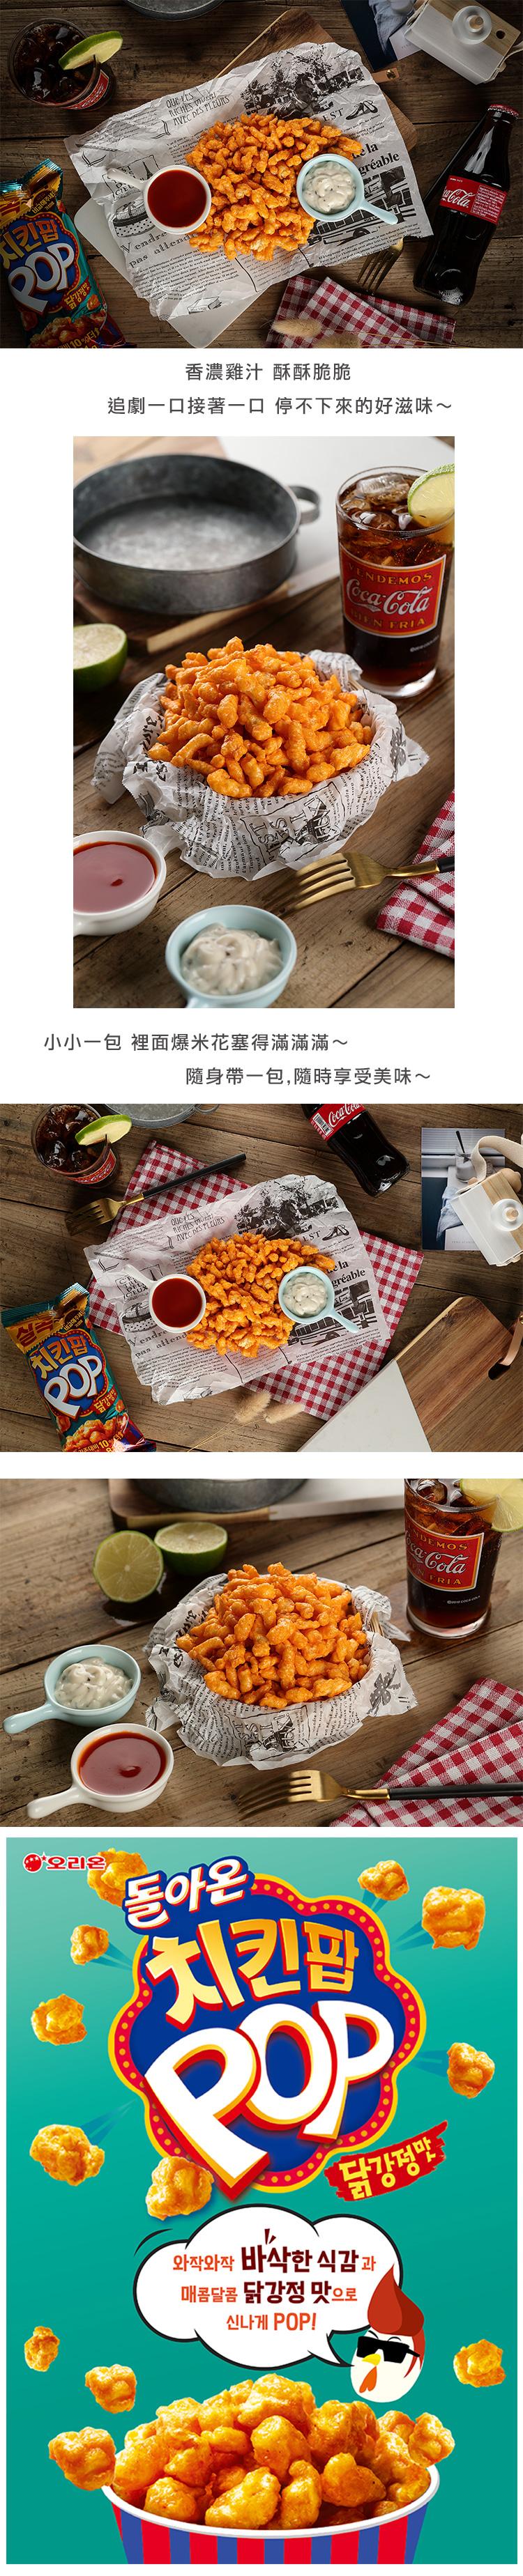 雞汁爆米花EC製作流程1